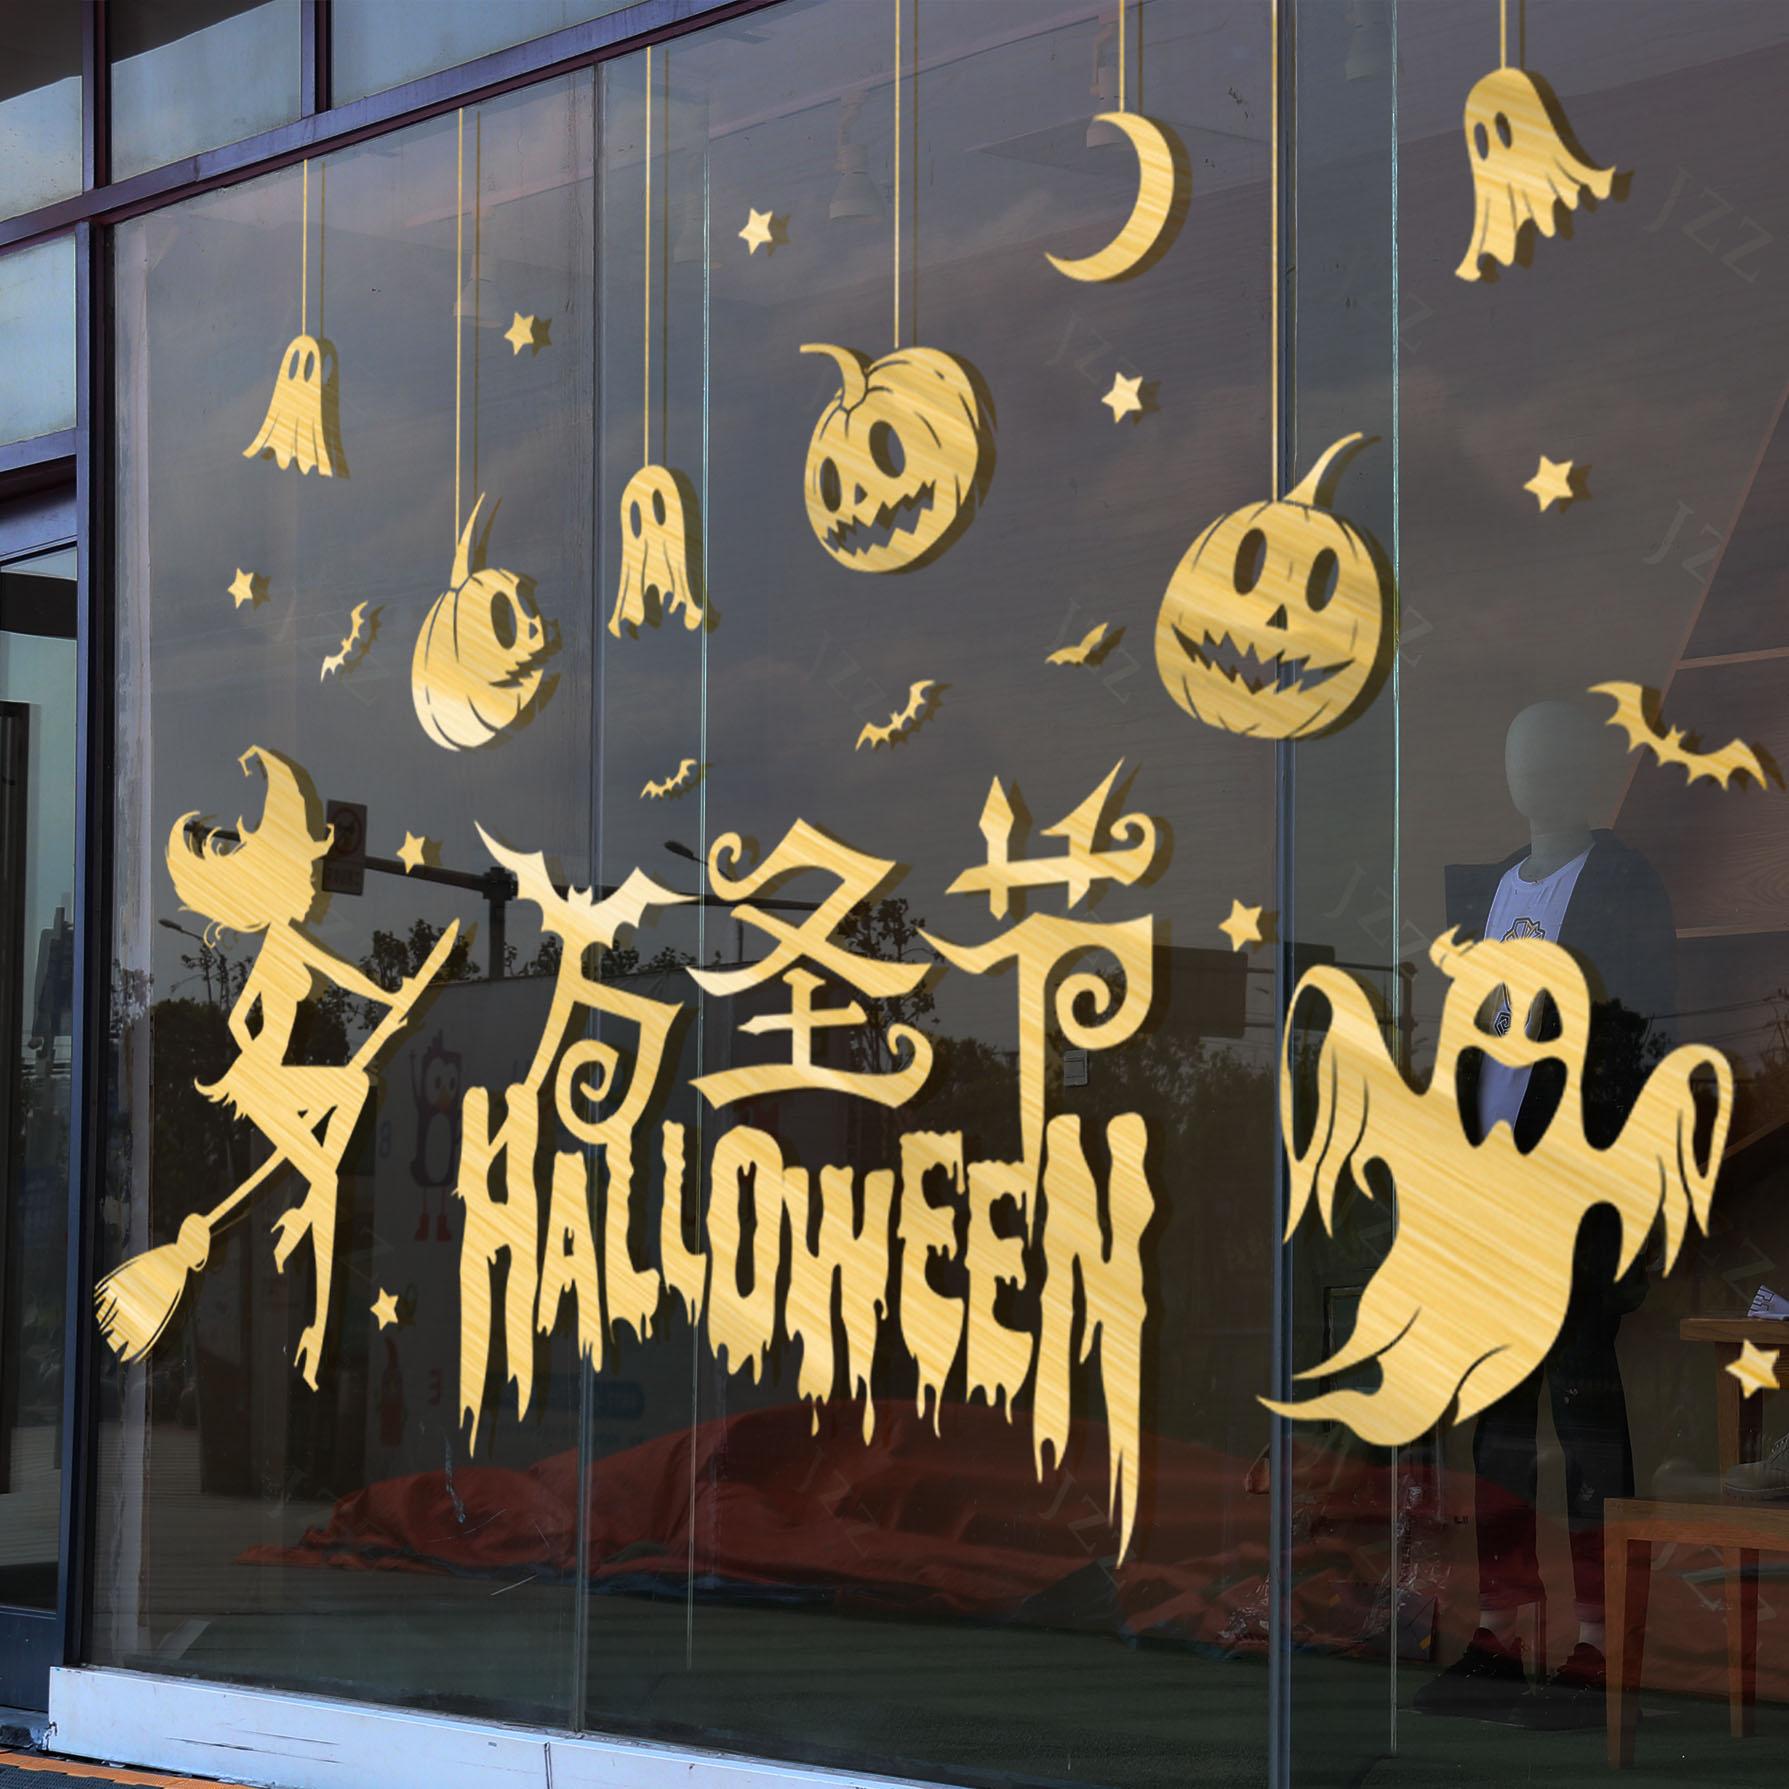 万圣节装饰贴纸鬼节店铺玻璃门贴纸橱窗贴画商城活动氛围布置窗花